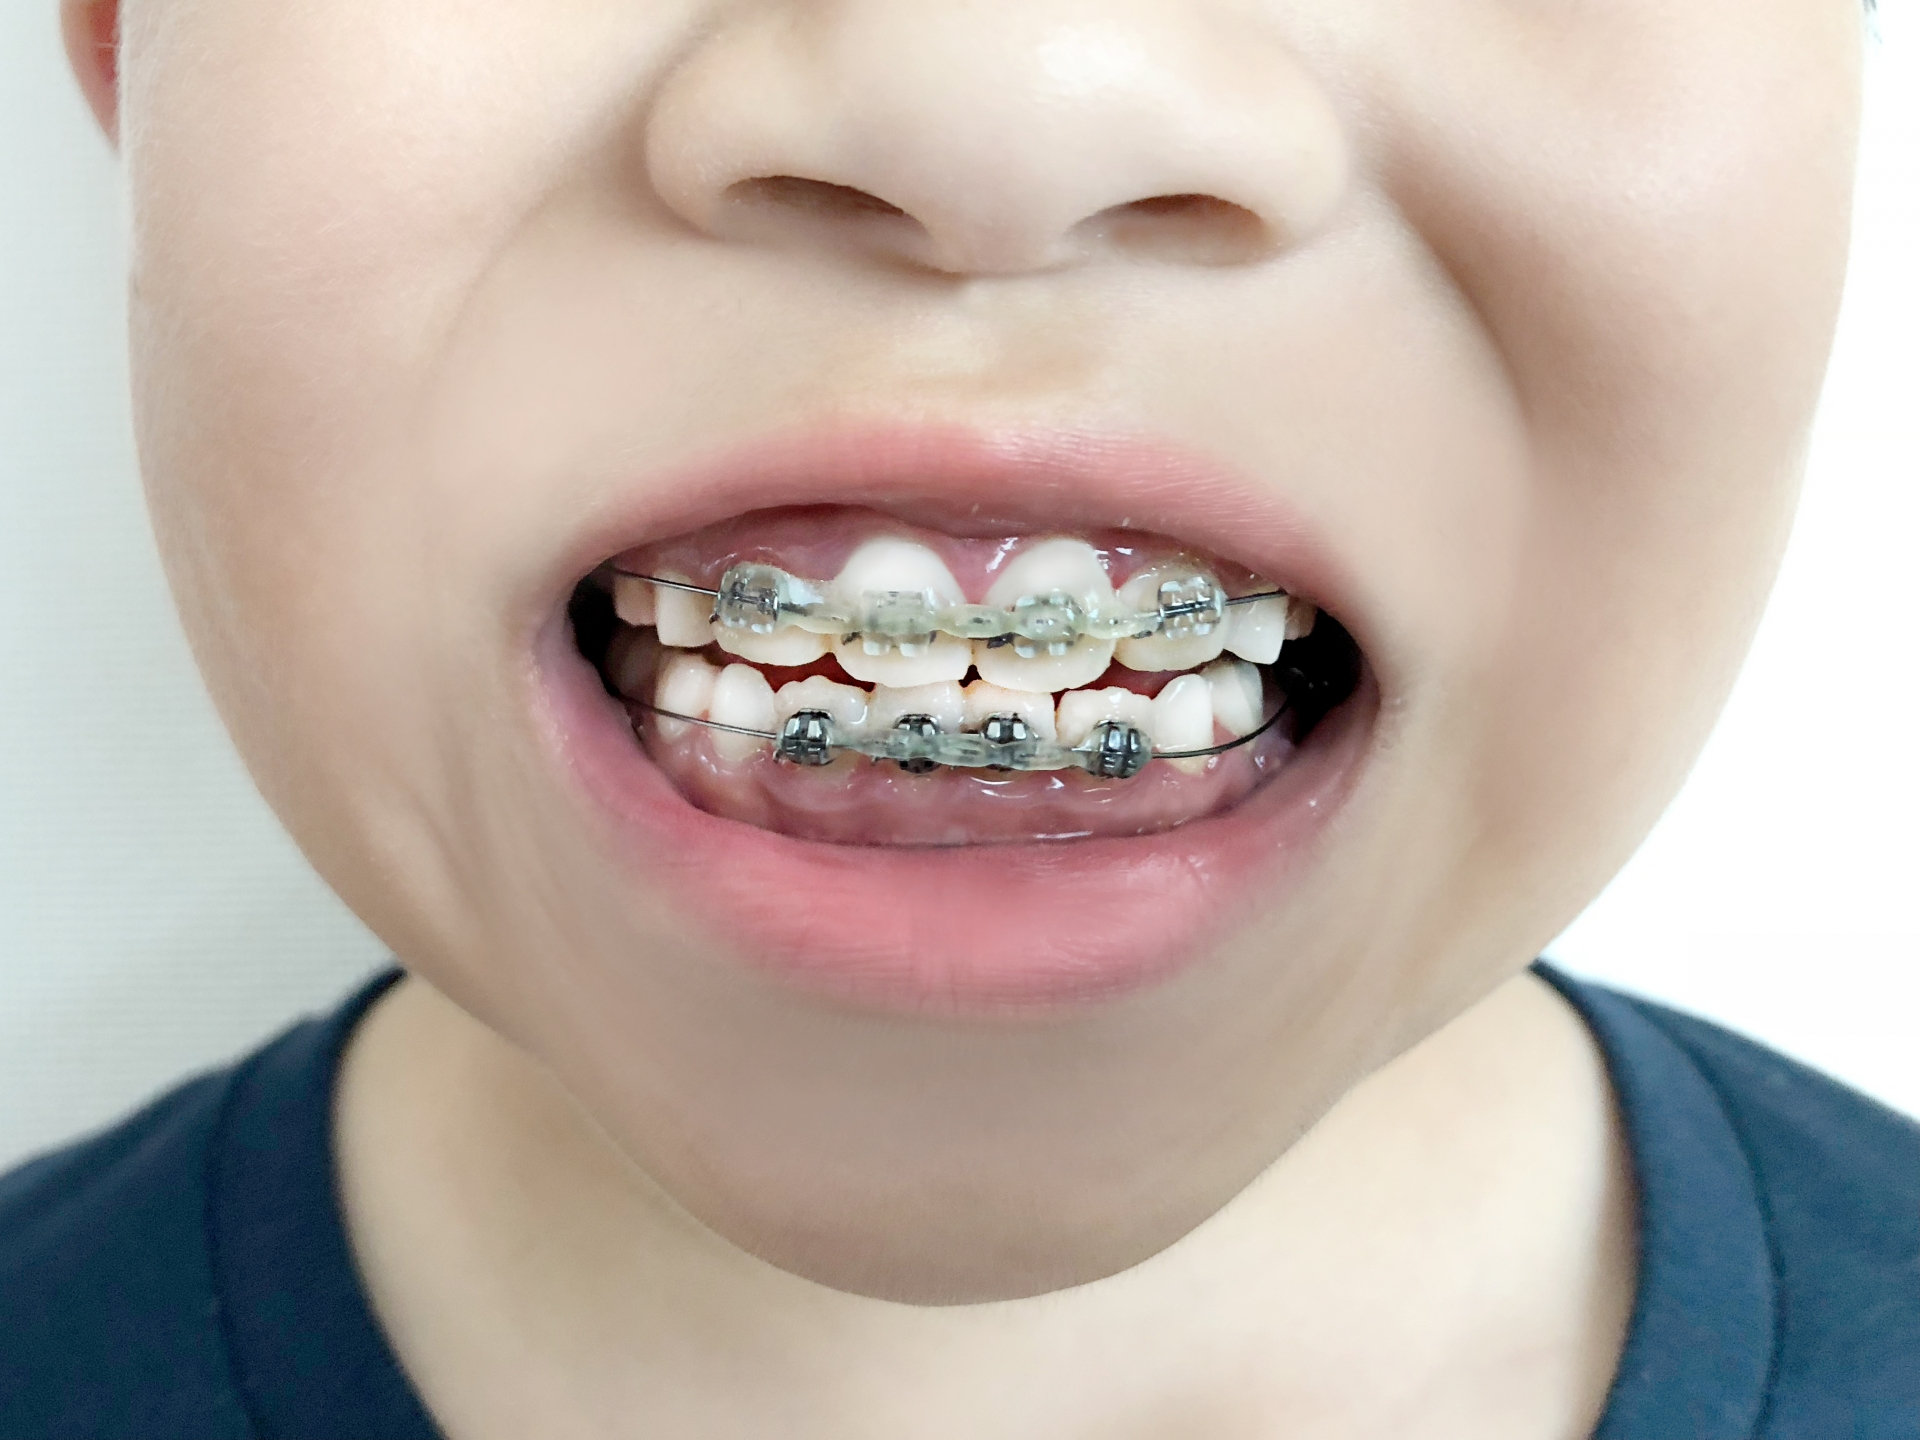 子供の歯並びを矯正したい!小児矯正の費用と仕組みを調べてみた!